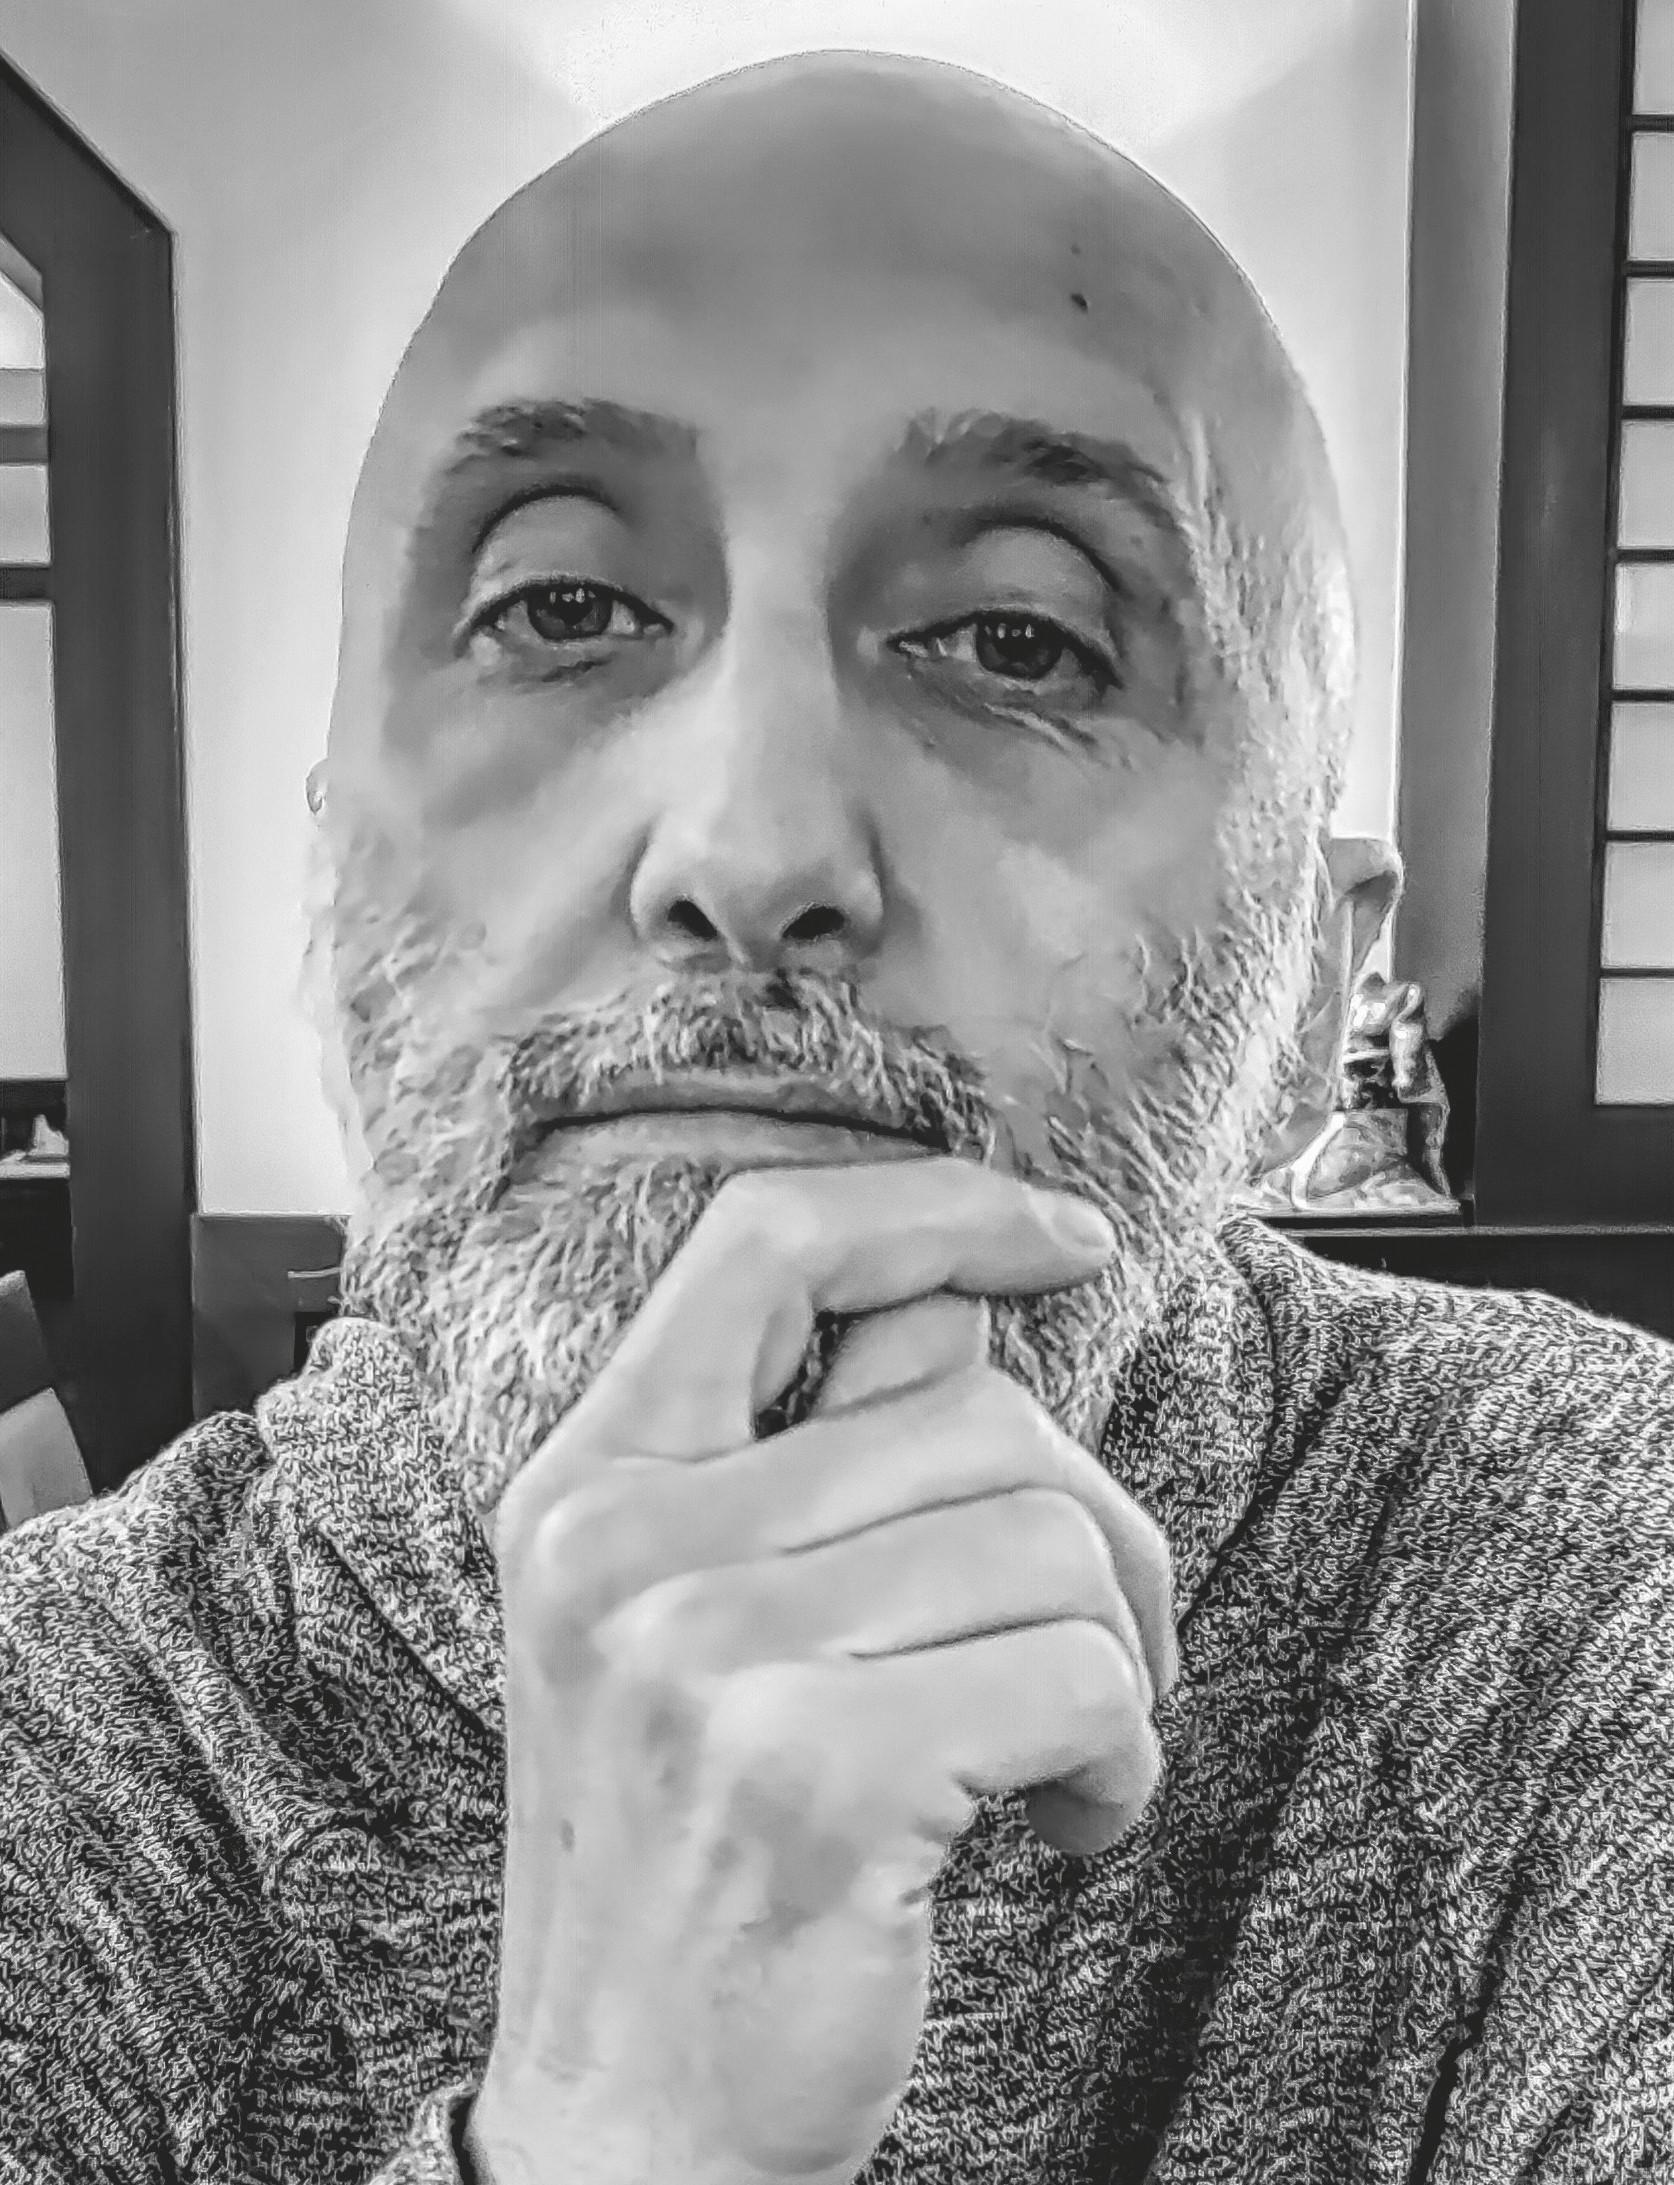 Saimon Arrighi